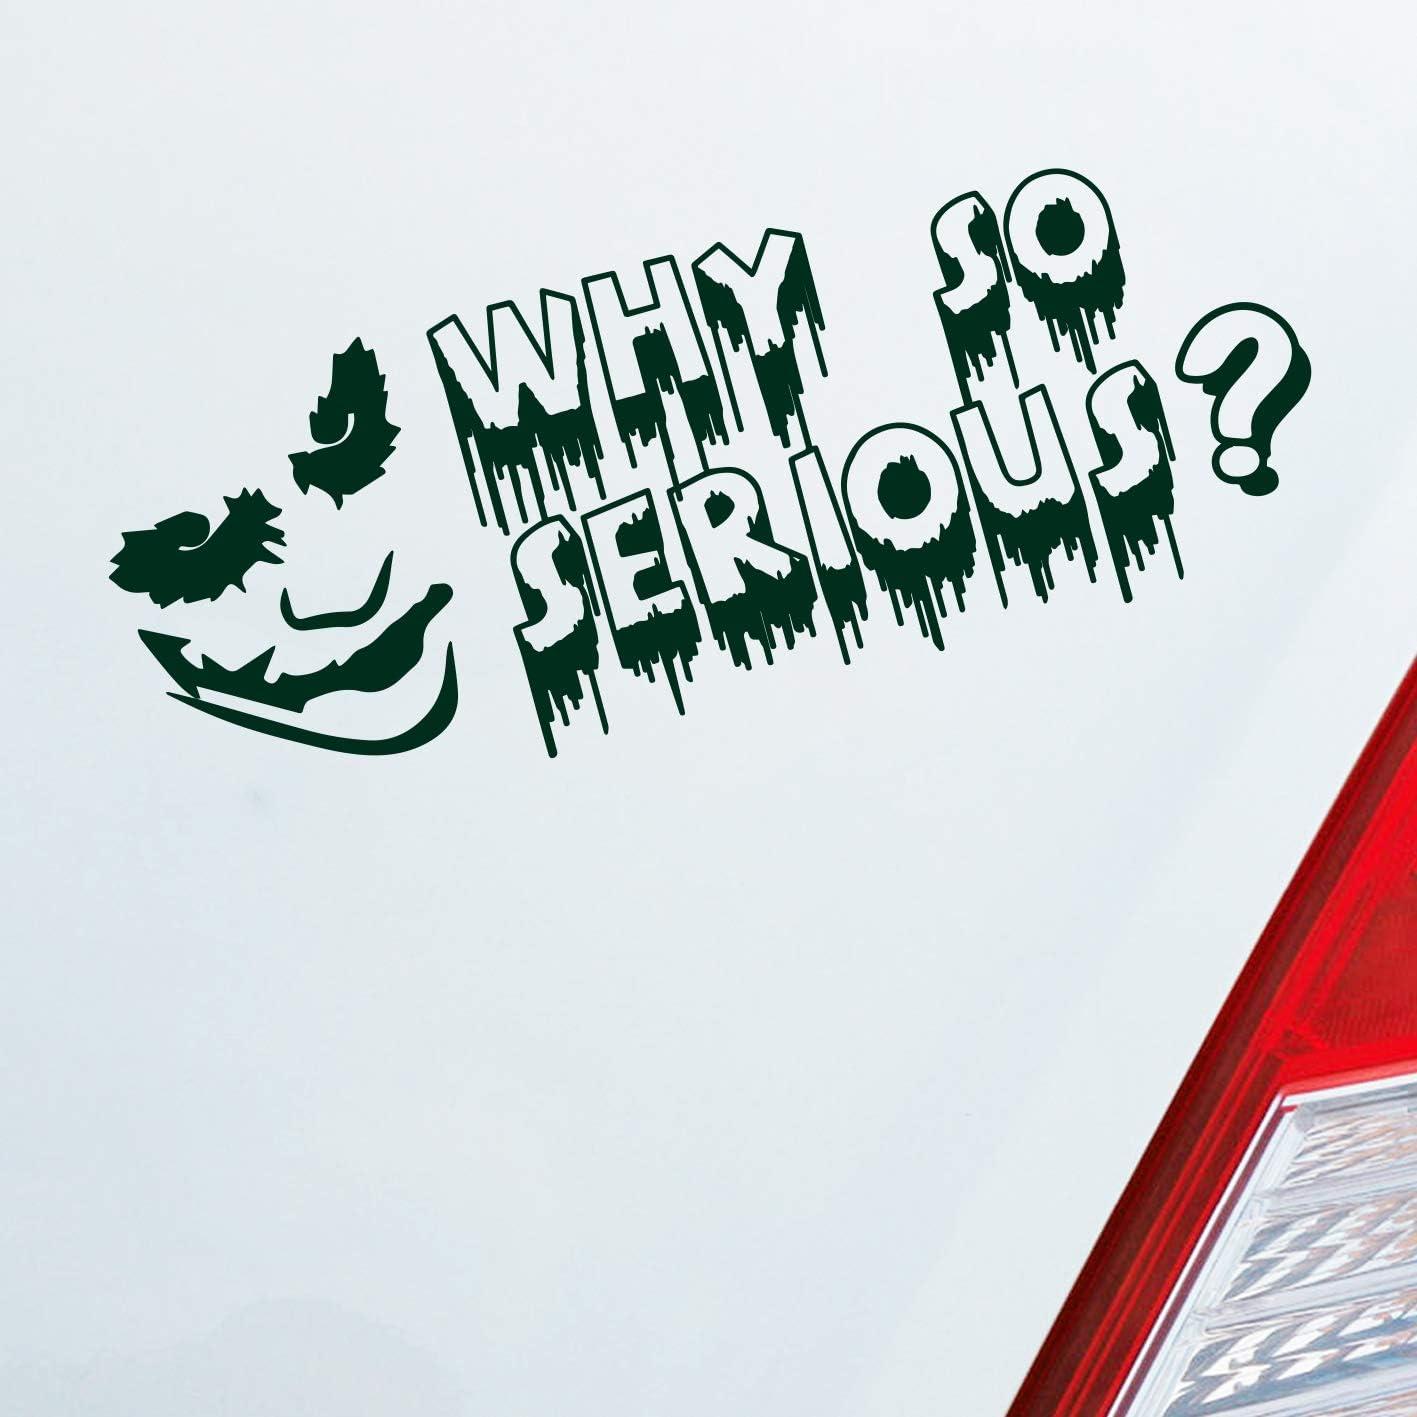 """Adesivo per auto colore a scelta con scritta /""""Why so serious?/"""" Adesivo per auto Joker per i fan di Batman 19 x 7 cm."""